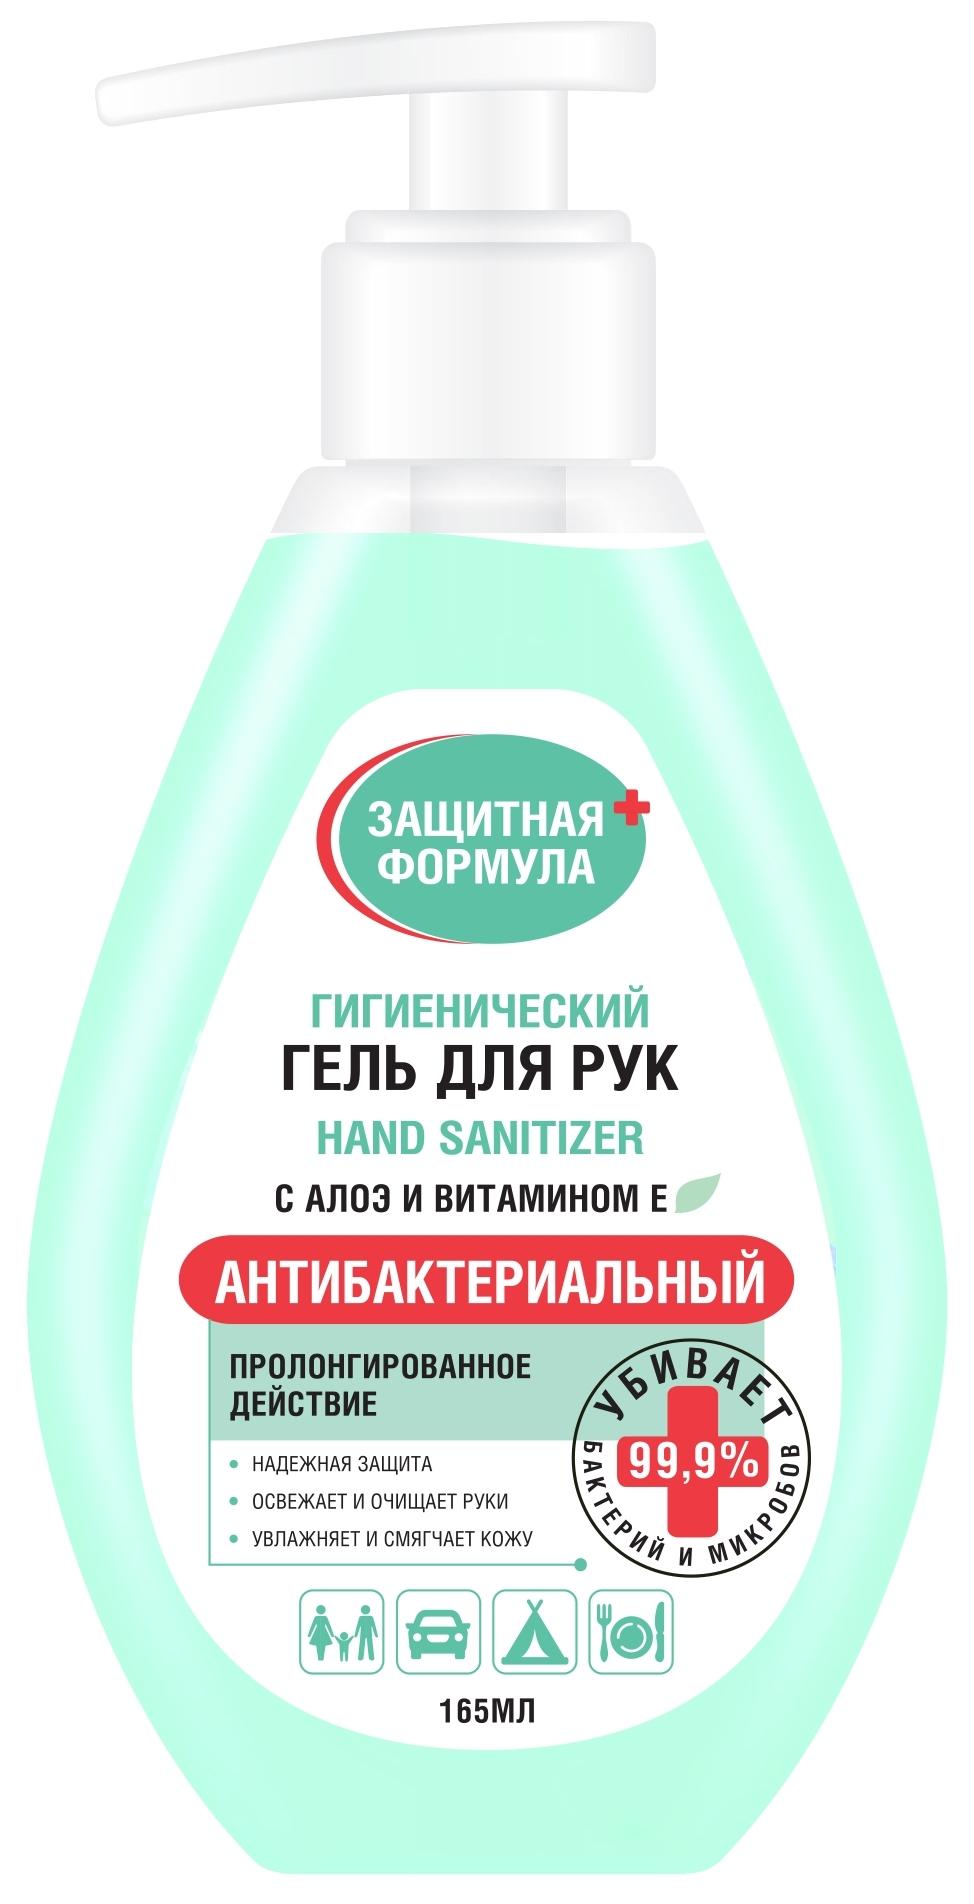 Гигиенический гель для рук с Алоэ и витамином Е Фитокосметик Защитная формула